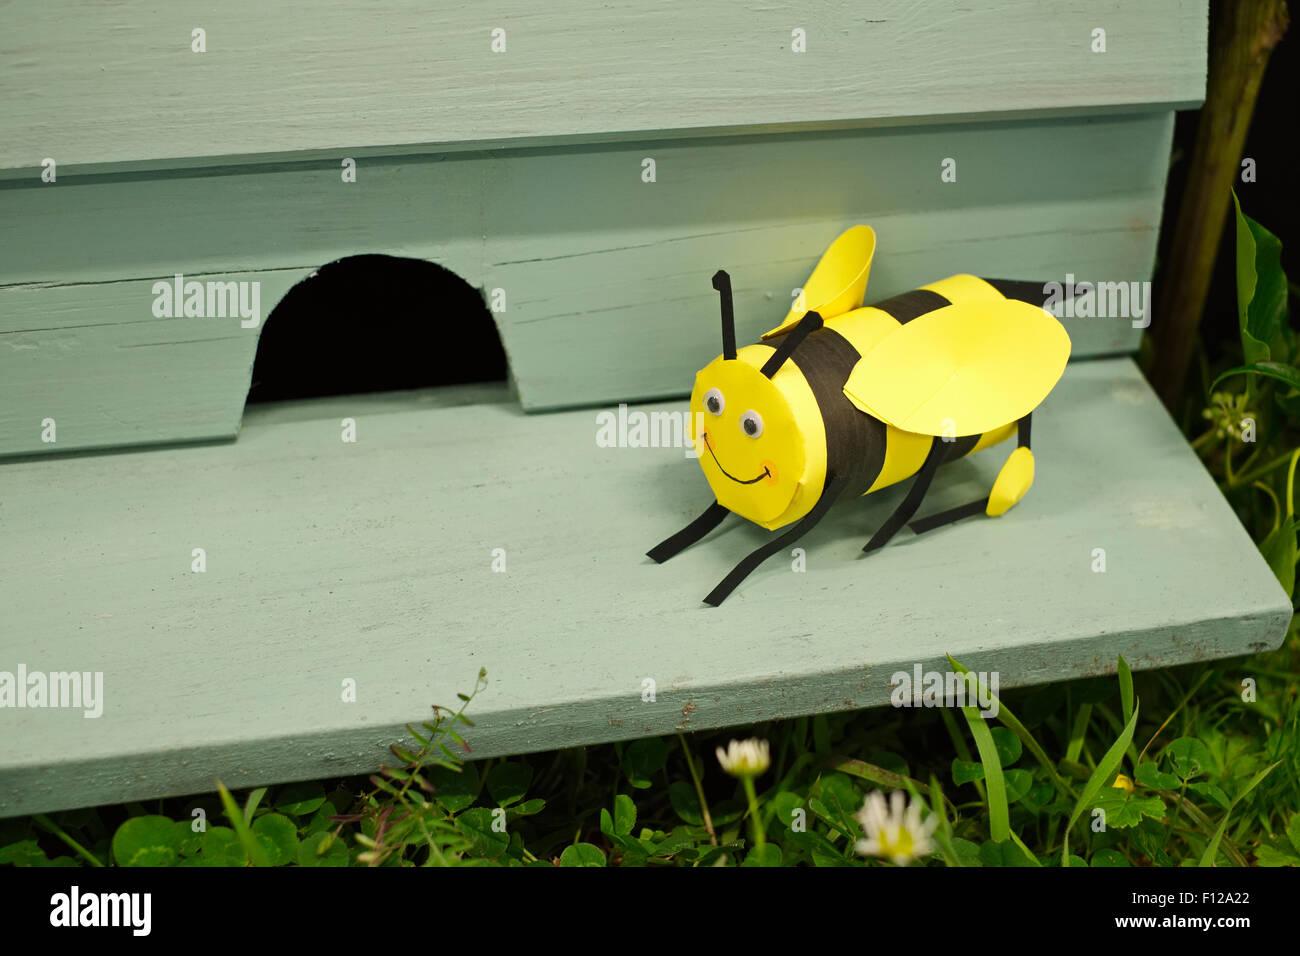 Ein Lächeln auf den Lippen Papier Modell Bee draußen ein Flugloch - Dorf Show Ausstellung Stockbild